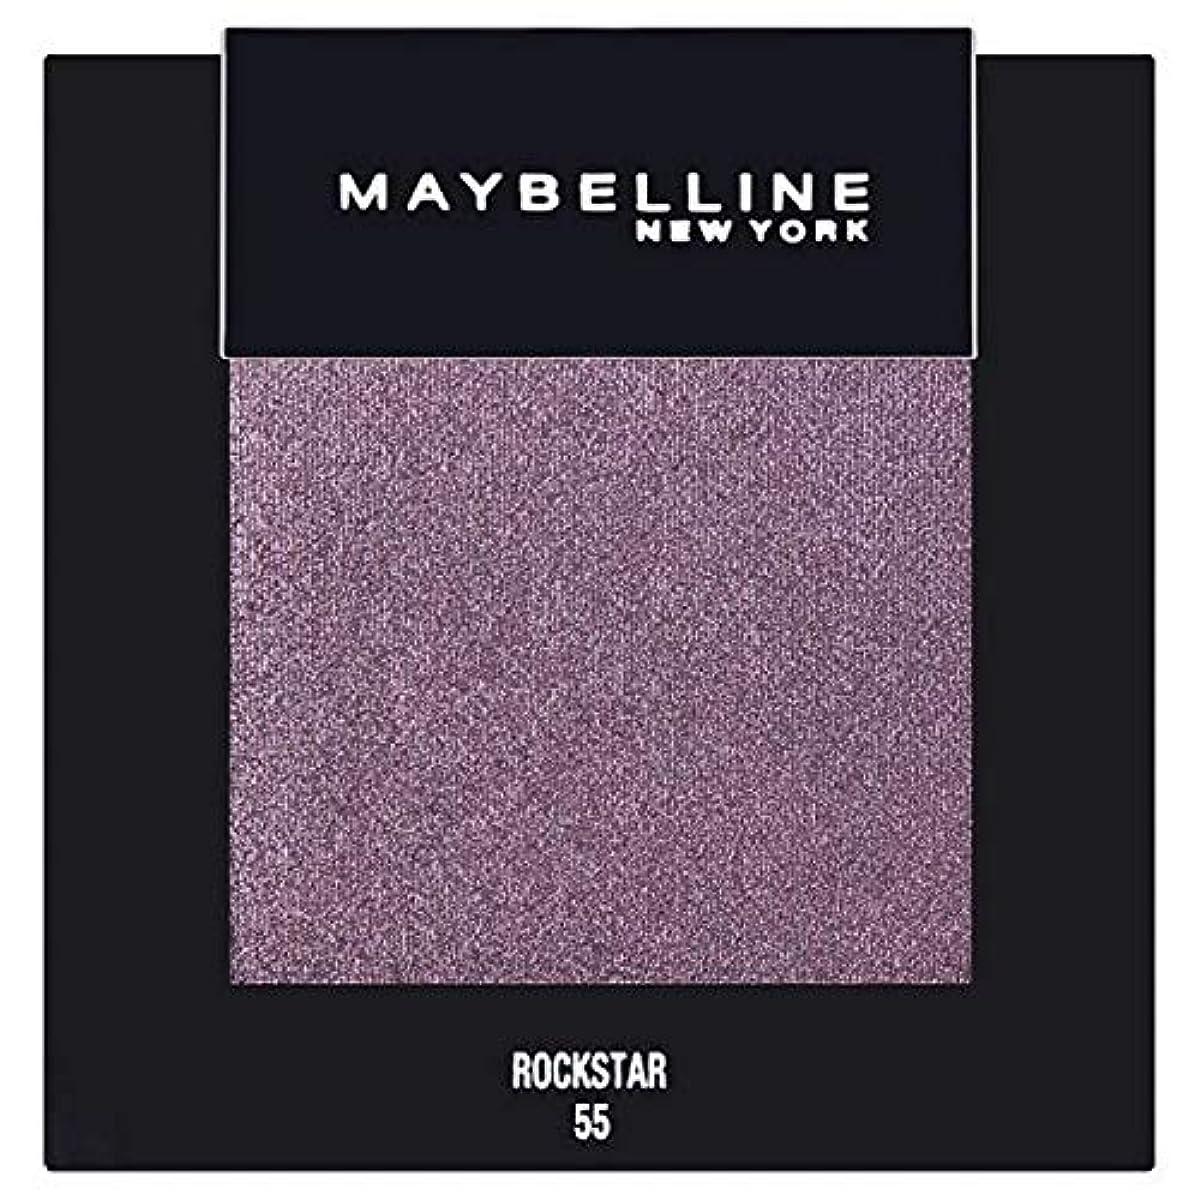 ゆるい豊かなちらつき[Maybelline ] メイベリンカラーショーシングルアイシャドウ55ロックスター - Maybelline Color Show Single Eyeshadow 55 Rockstar [並行輸入品]